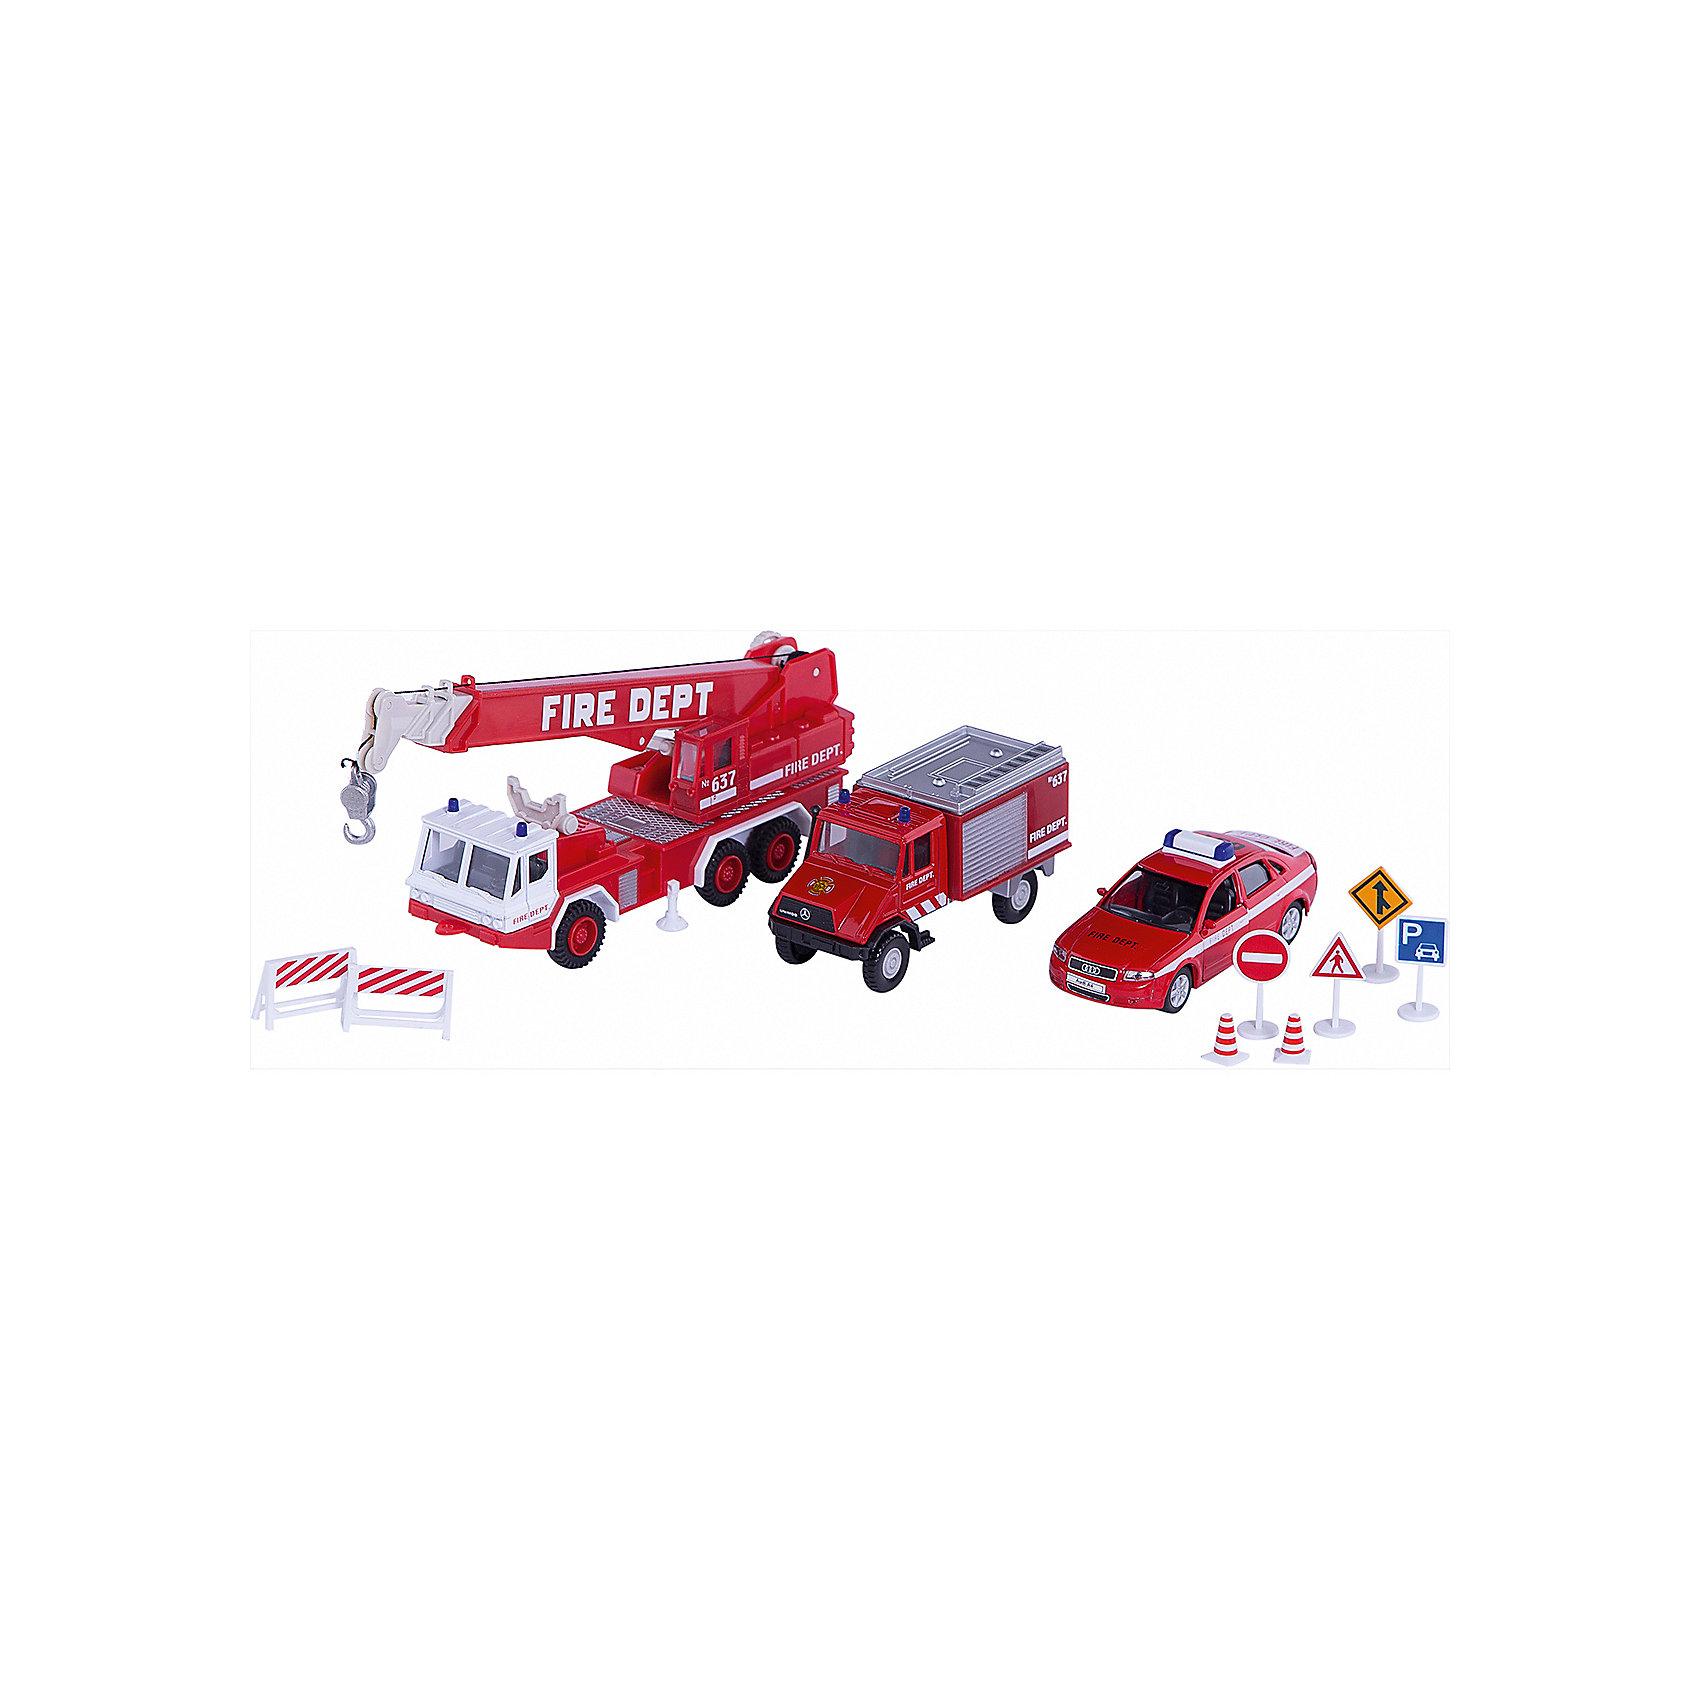 Welly Набор машин Пожарная служба 10 штукИгровые наборы<br>Welly Набор машин Пожарная служба 10 штук<br><br>Характеристики:<br><br>• Возраст: от 4 лет<br>• В комплекте: фургон, легковая и пожарная машины, аксессуары<br>• Материал: металл, пластик<br>• Цвет: красный<br><br>Игровой набор включает в себя уменьшенную копию пожарной машины с краном, легковой служебный автомобиль и фургон. Кроме этого в комплекте идут все необходимые аварийные знаки, столбики и указатели. Все это поможет ребенку создать целый спектакль. Все игрушки сделаны из качественного материала, который не только безопасен для ребенка, но еще и очень крепок. <br><br>Welly Набор машин Пожарная служба 10 штук можно купить в нашем интернет-магазине.<br><br>Ширина мм: 335<br>Глубина мм: 165<br>Высота мм: 65<br>Вес г: 570<br>Возраст от месяцев: 84<br>Возраст до месяцев: 1188<br>Пол: Мужской<br>Возраст: Детский<br>SKU: 2150020